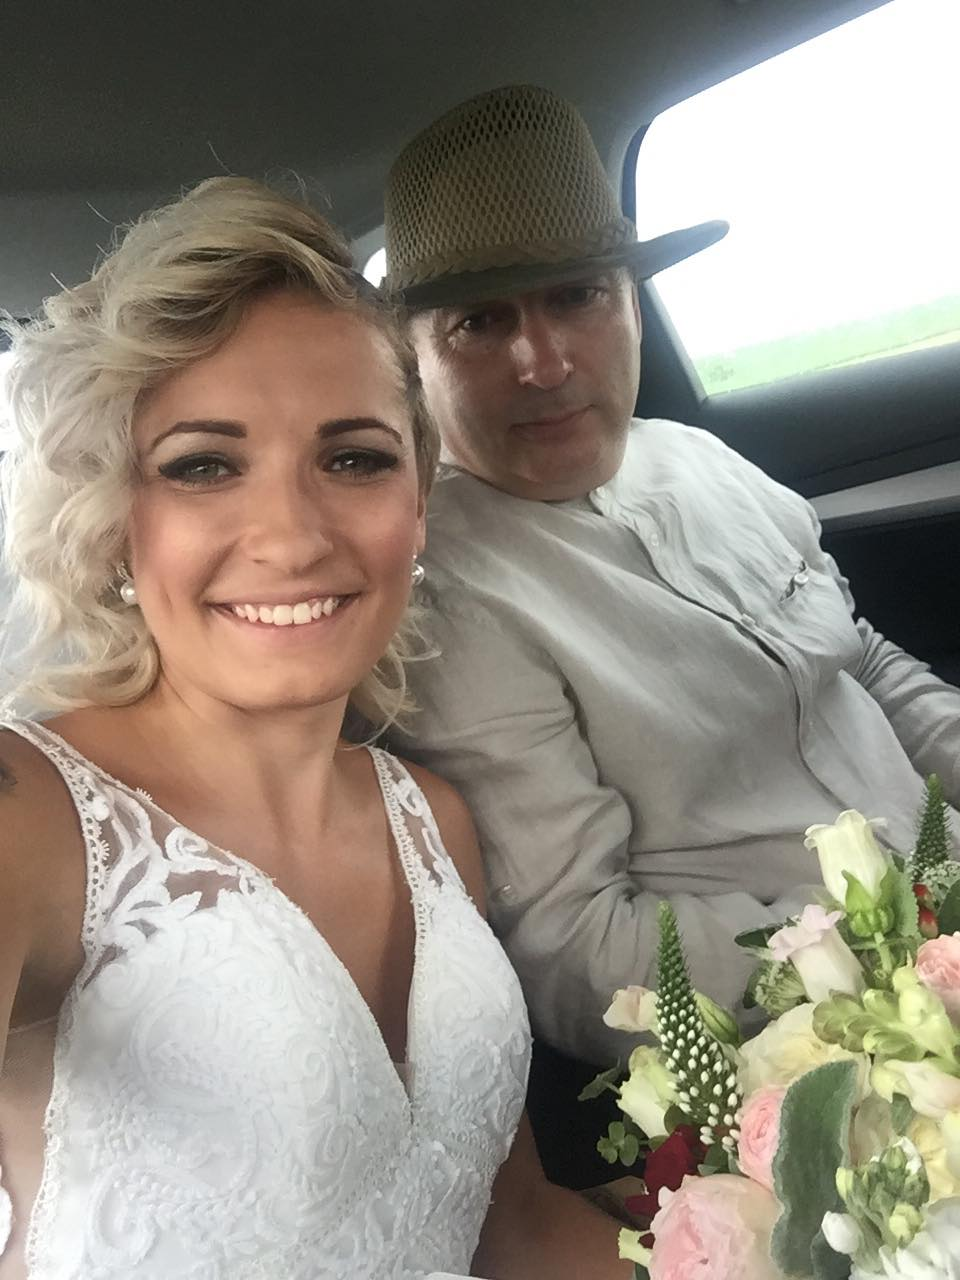 Pavlína{{_AND_}}Radim - Poslední fotka jako Štibingerová. S tatínkem v autě na cestě k obřadu ♥ byla to pro mě nejkrásnější chvíle, kdy mě držel za ruku,hladil jako malou holčičku a díval se na mě pyšným a milujícím pohledem♥